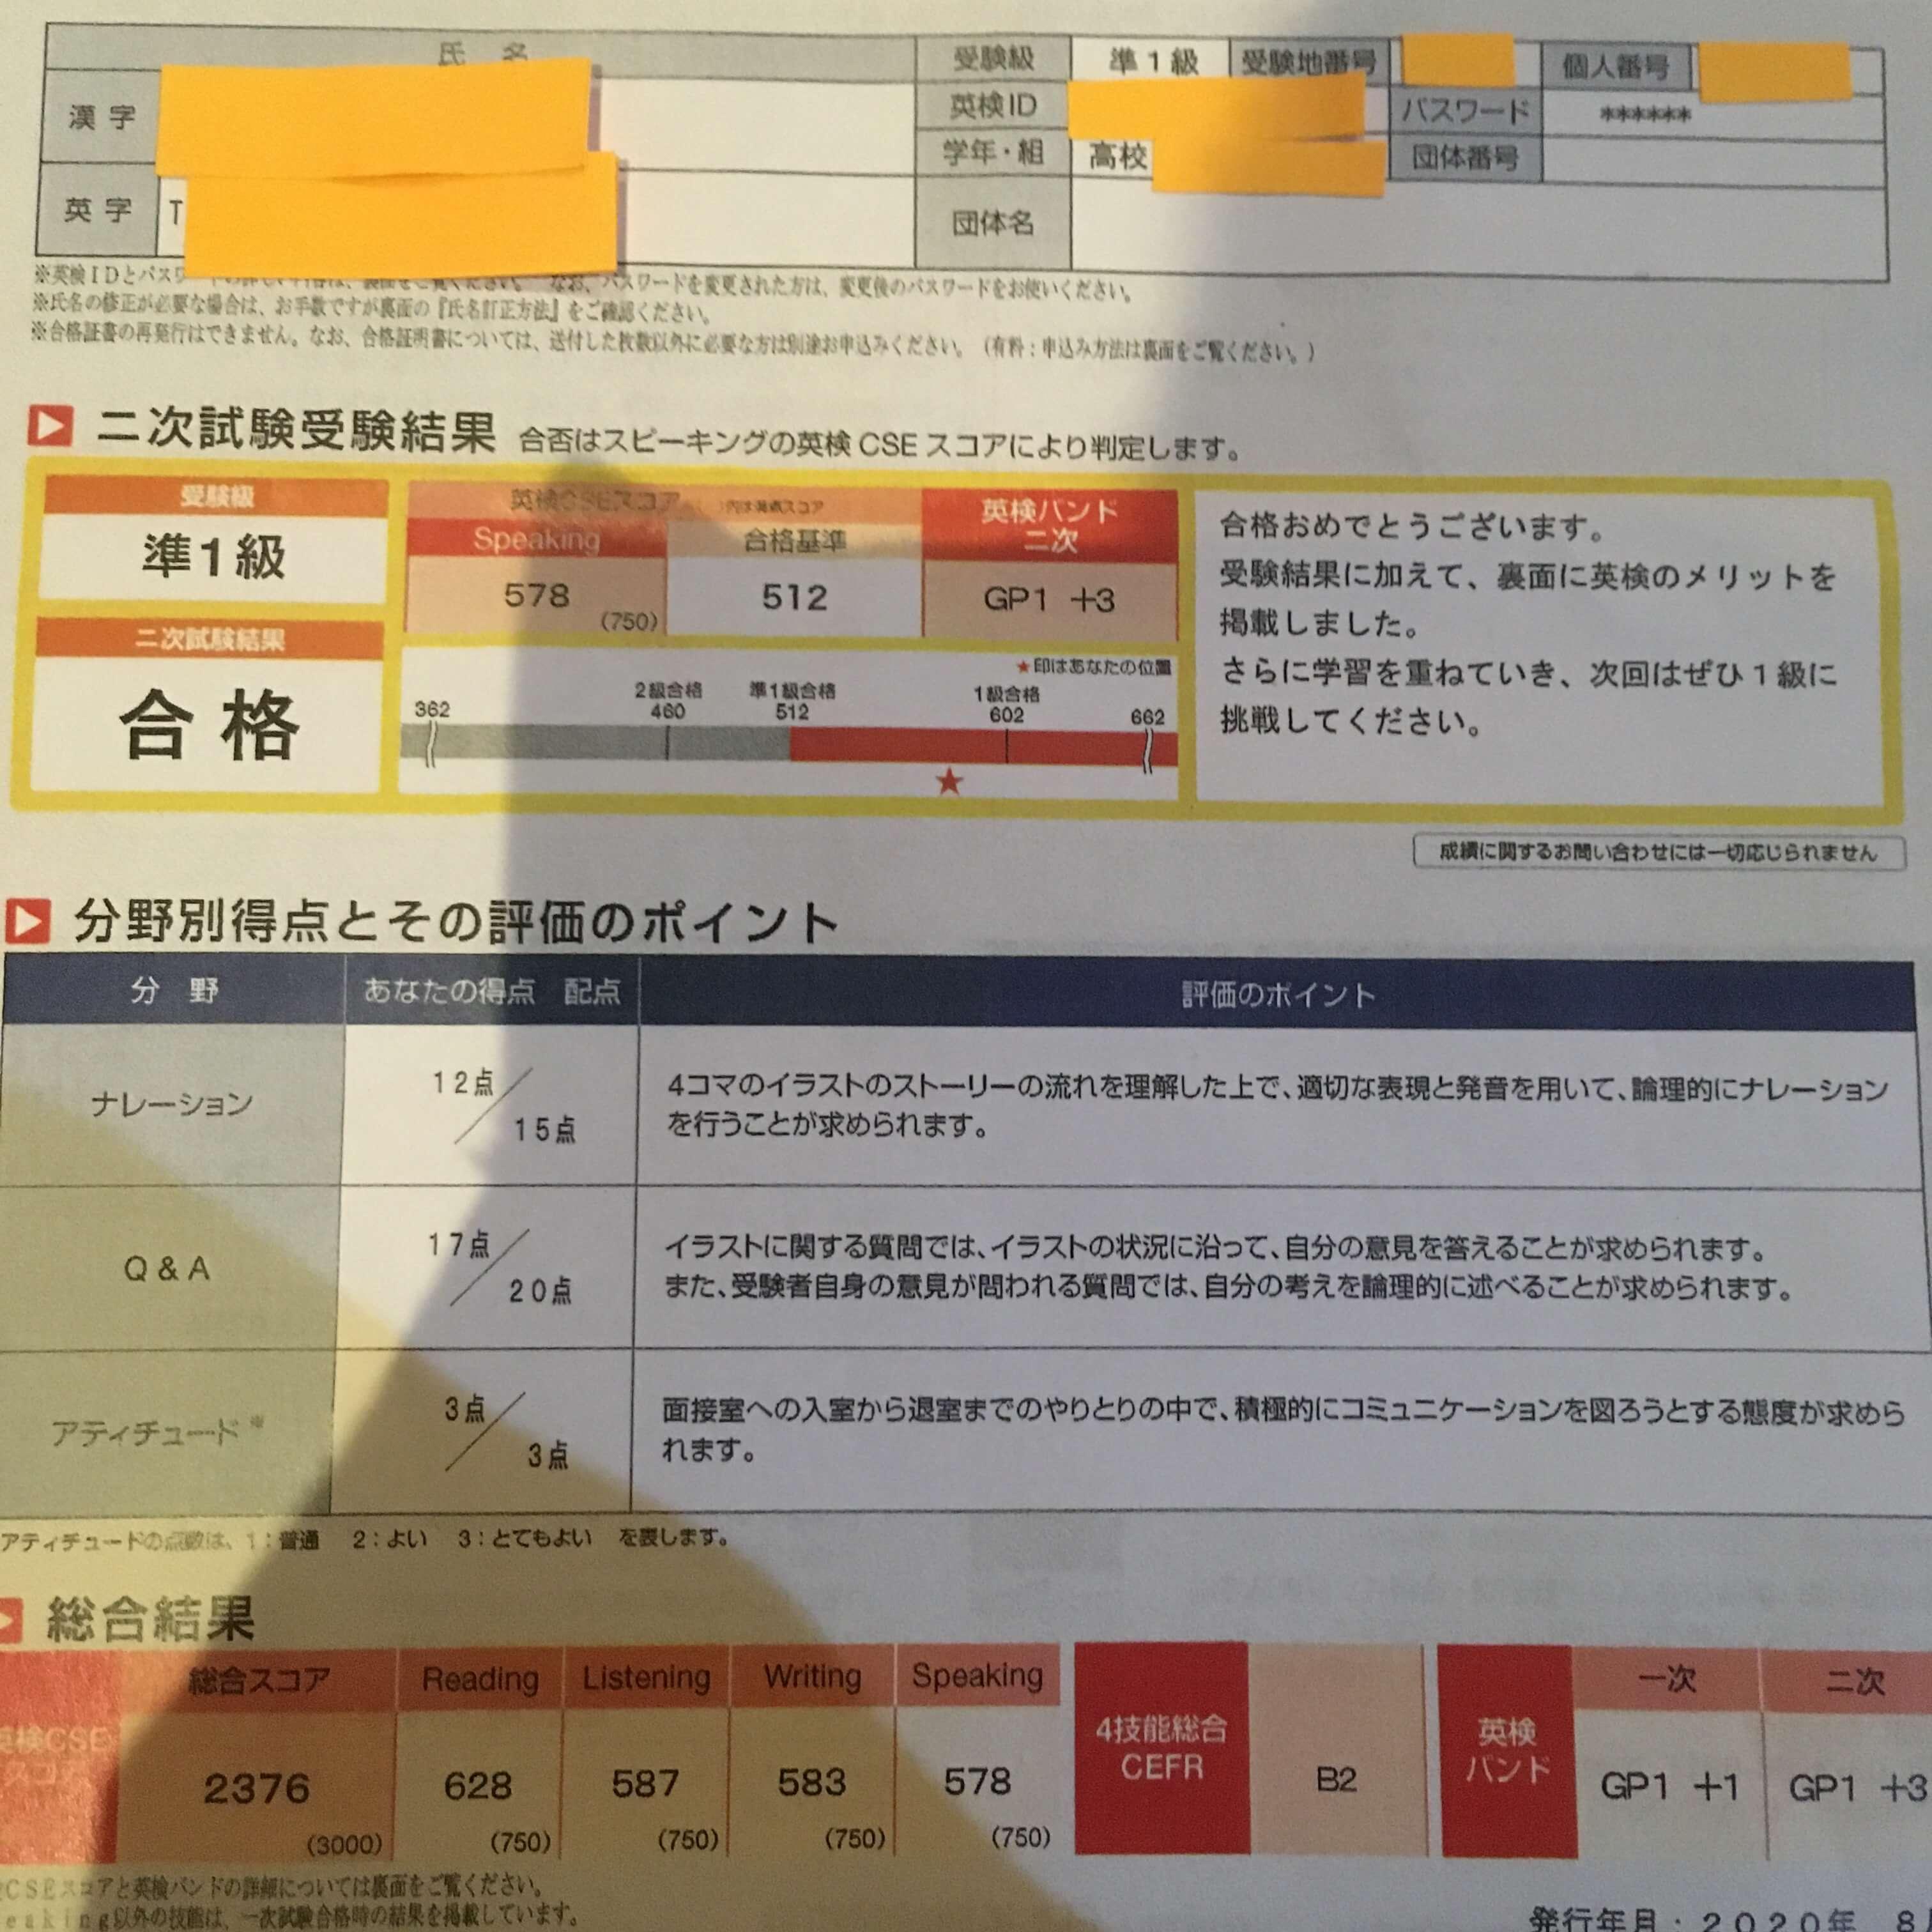 試験 次 英 検 準 級 2 2 【英検準2級2次試験対策】これでOK!質問の傾向と対策(過去18回分を分析!)